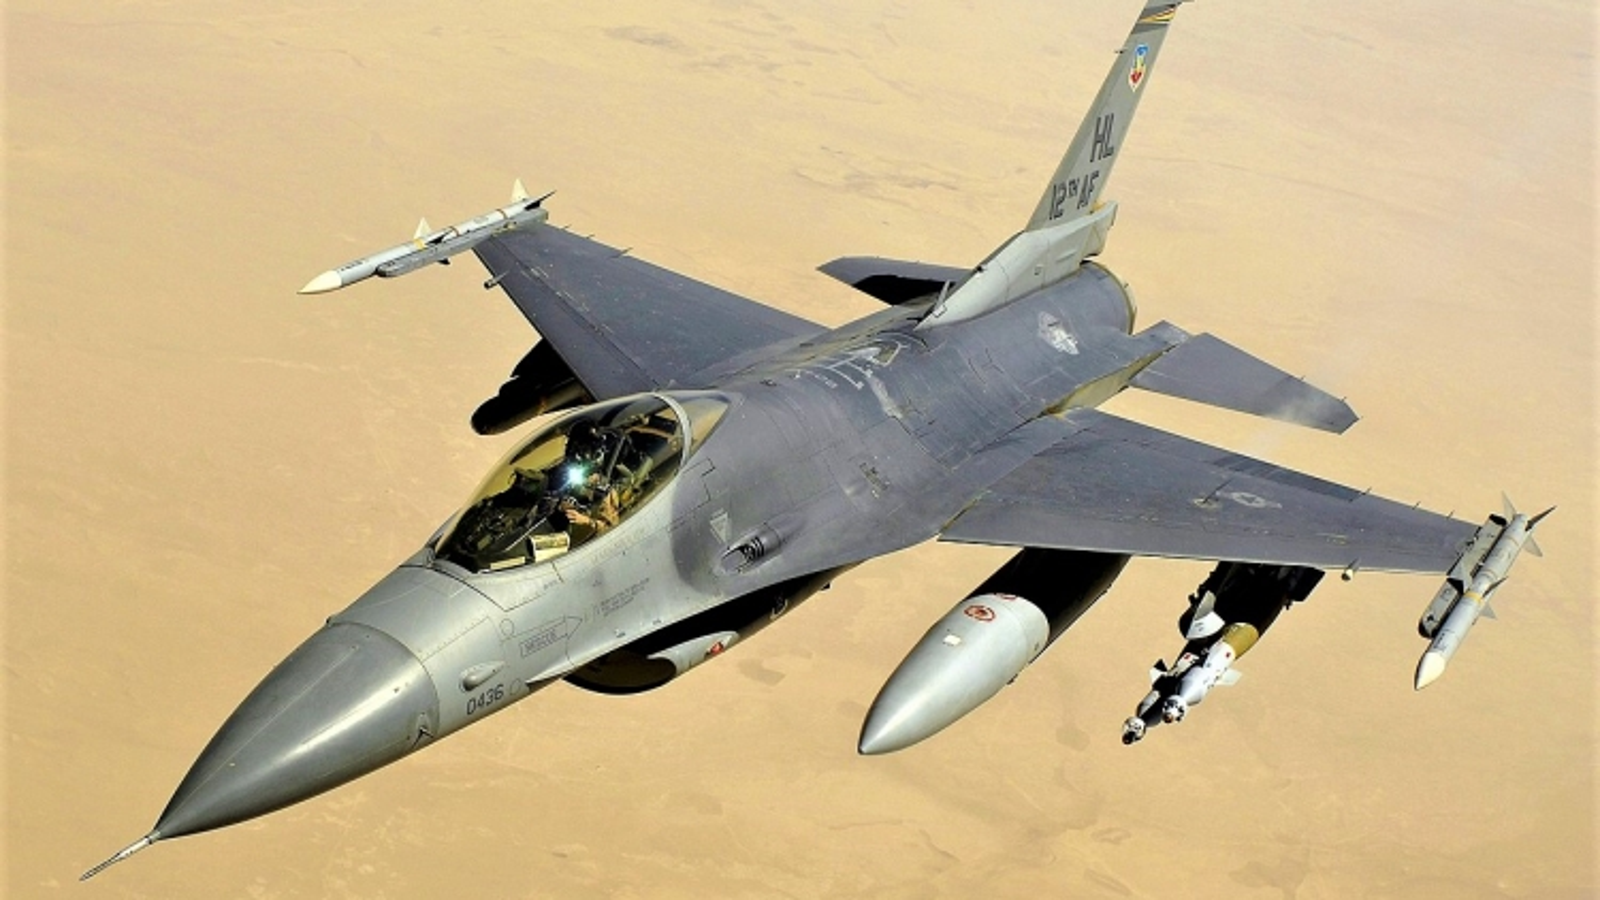 Dự án chế tạo tiêm kích đa năng F-16 bằng in 3D của Mỹ